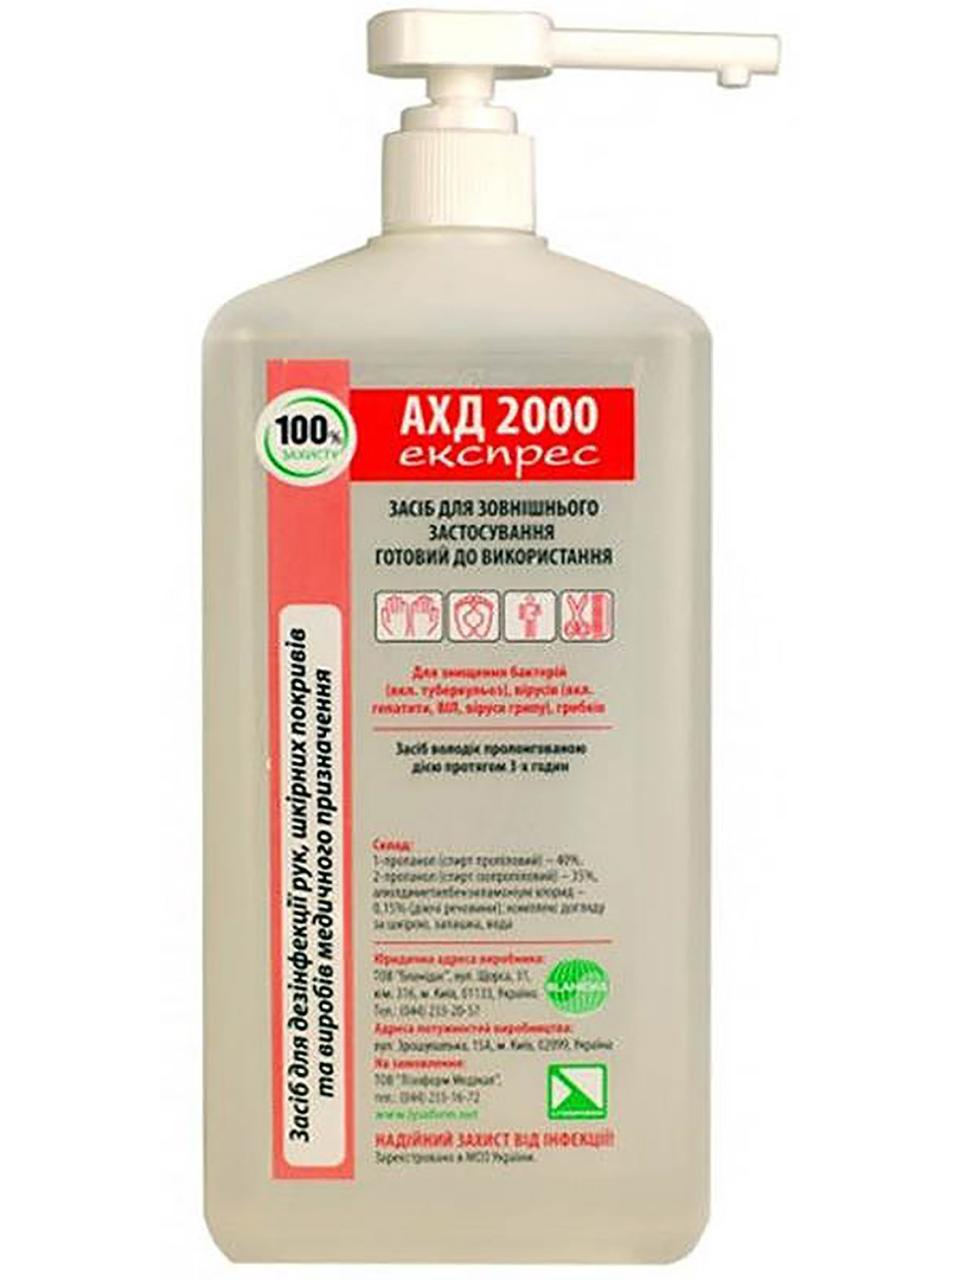 Антрисептик АХД 2000 Экспресс 1л для дезинфекции рук, кожи и небольших поверхностей